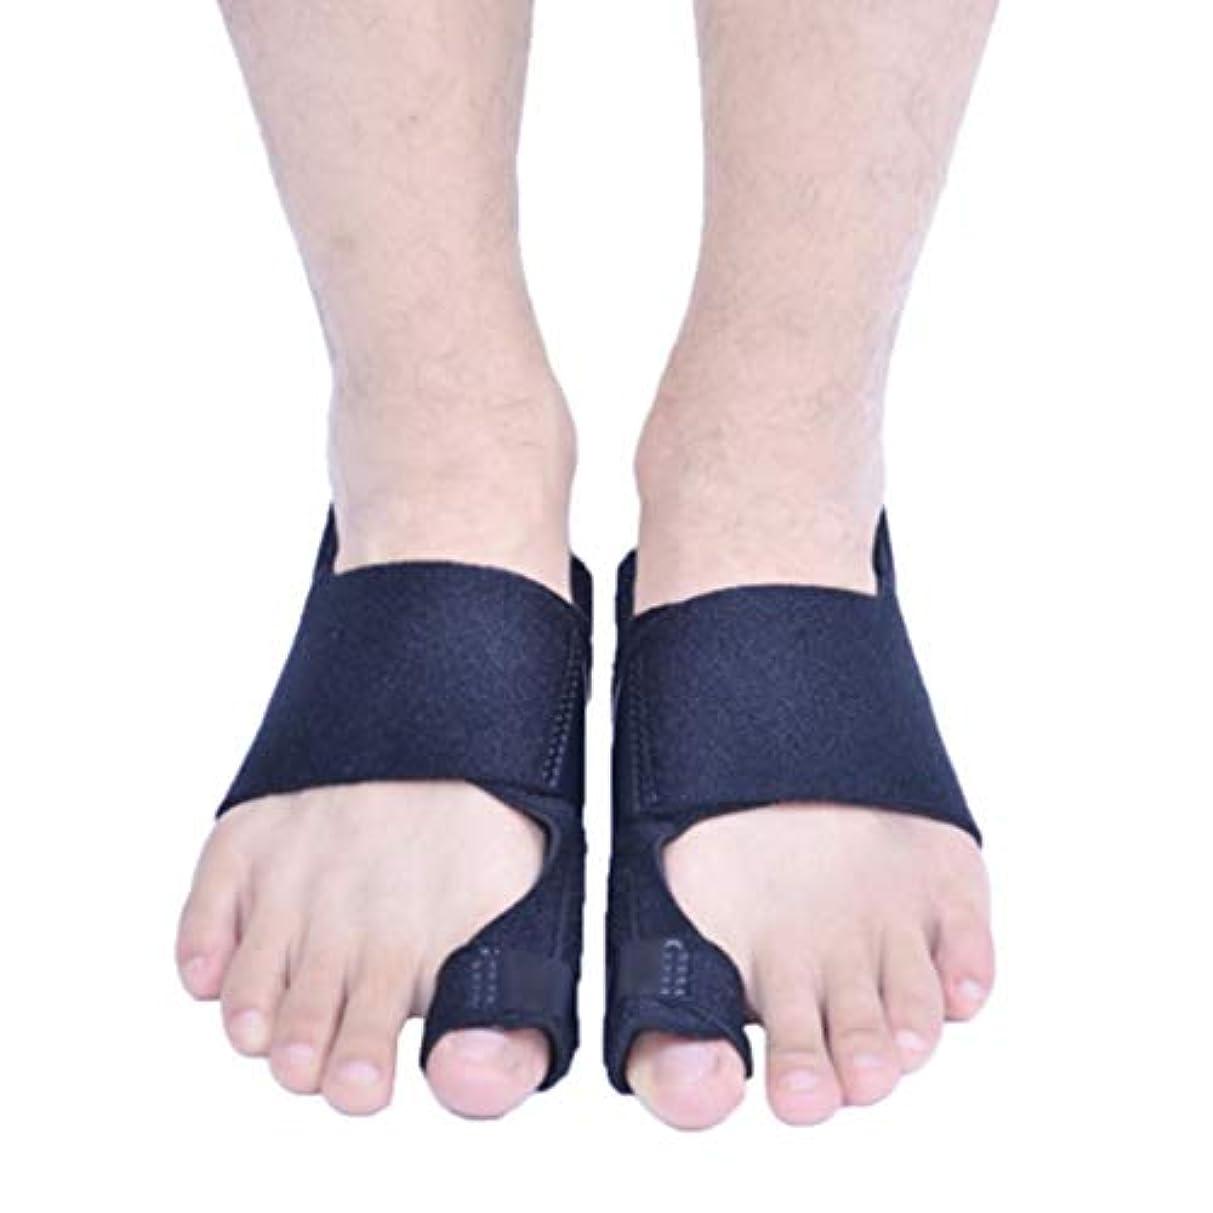 伝記招待地球痛み外反母趾ブレース、親指の外反ブレース外反母趾ブレースbunions補正がなだめるサイズです